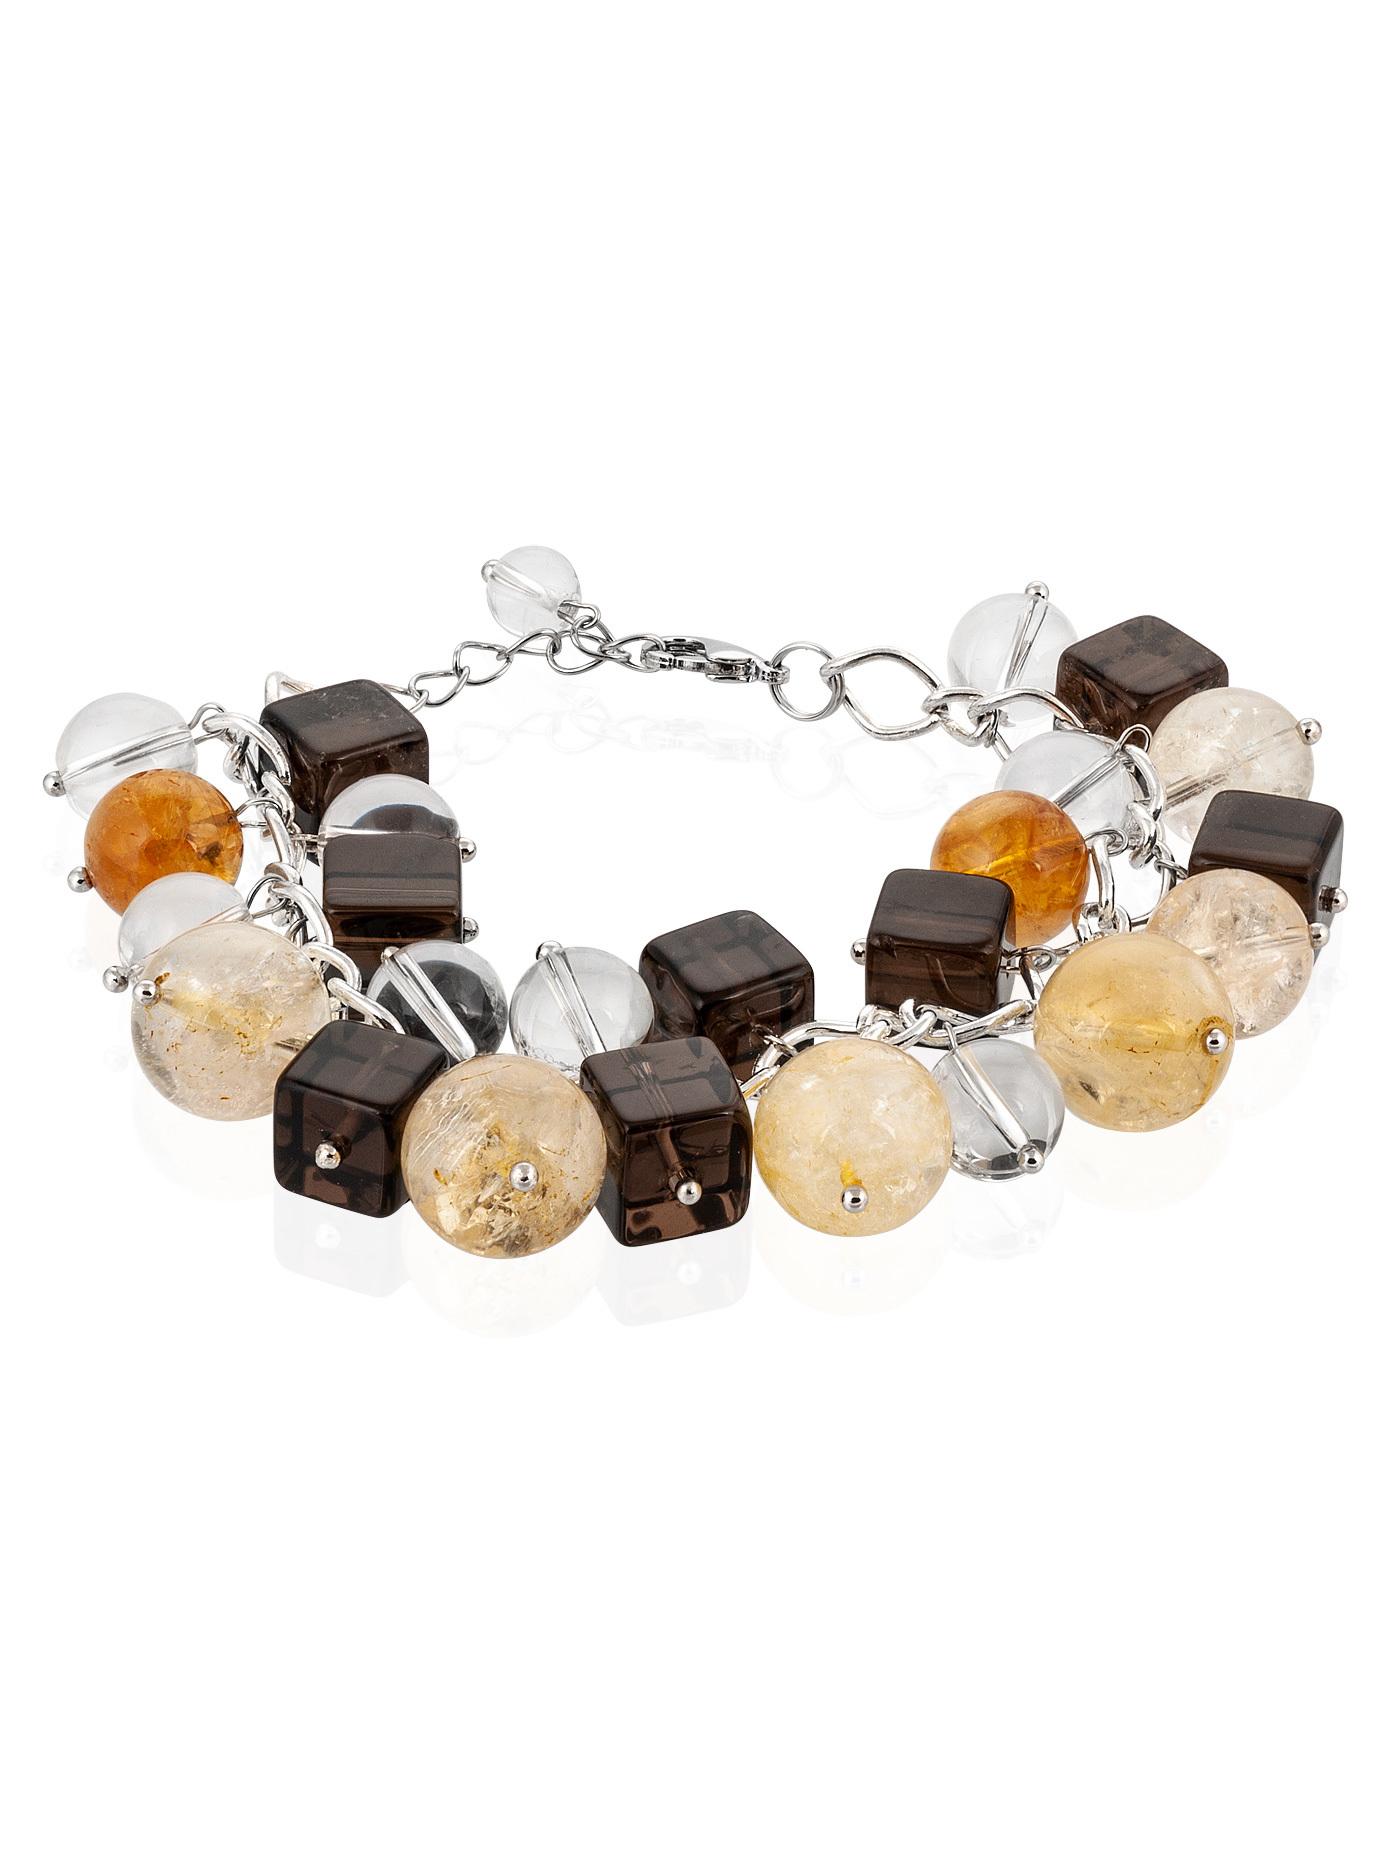 Браслет-гроздь с натуральными камнями, раухтопаз, горный хрусталь, цитрин в подарочной коробке